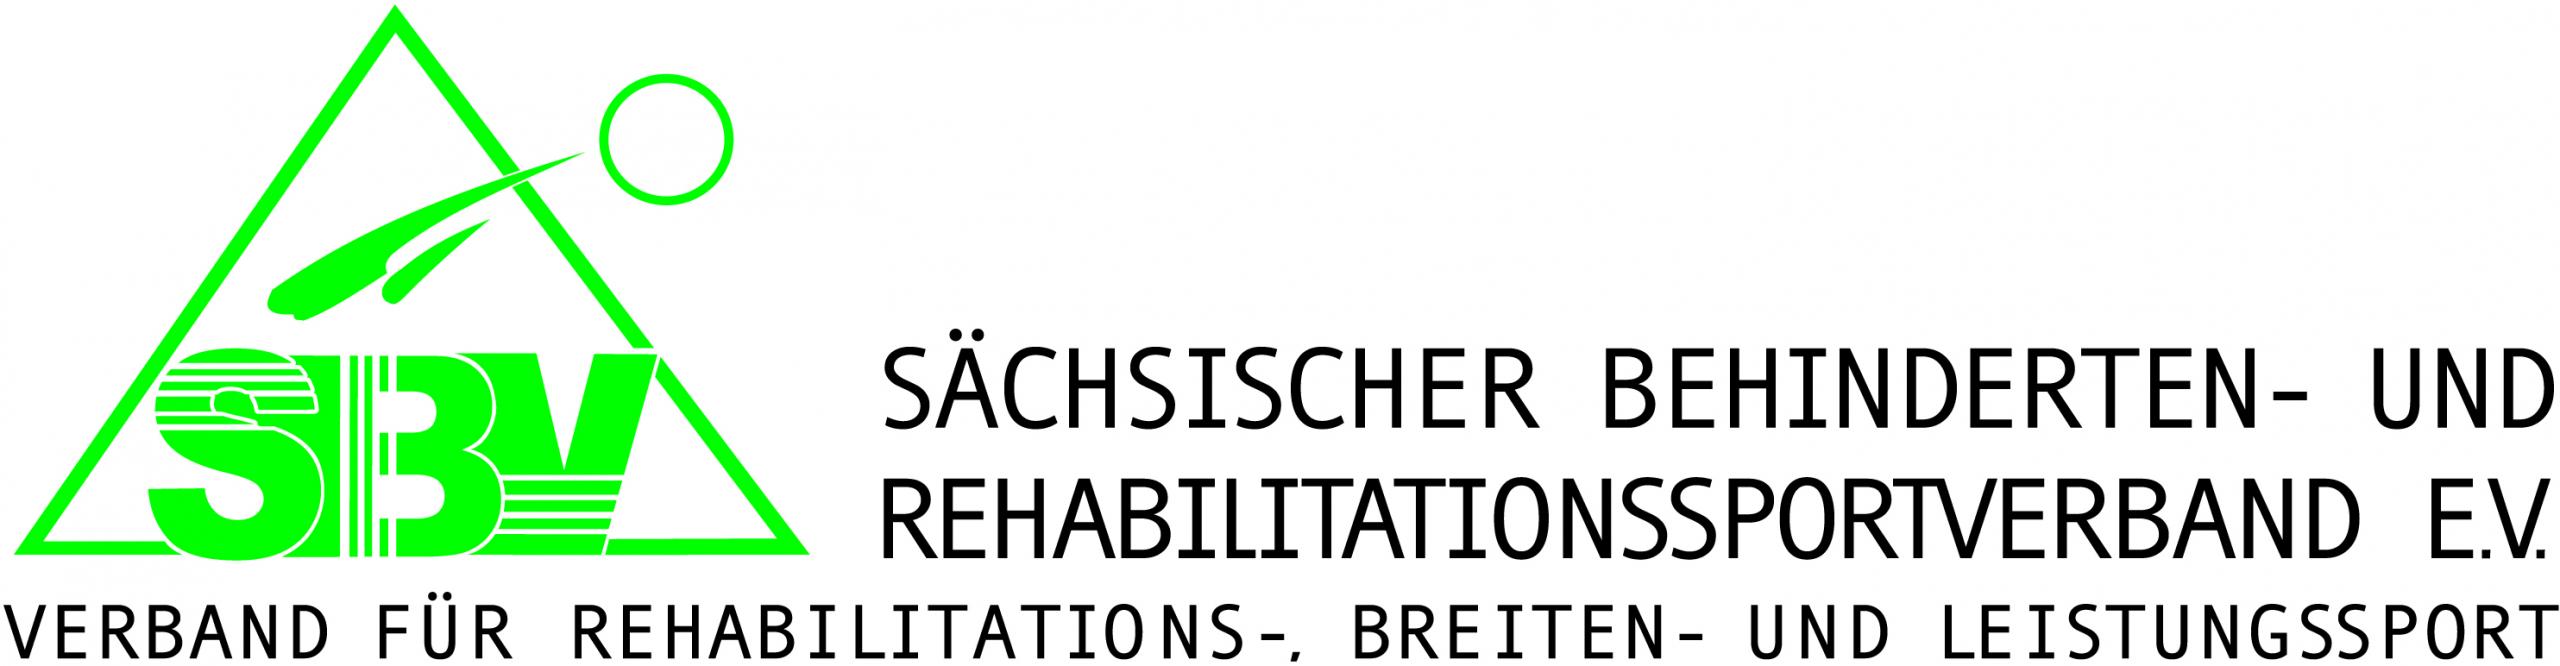 Sächsischer Behinderten- und Rehabilitationssportverband e.V.